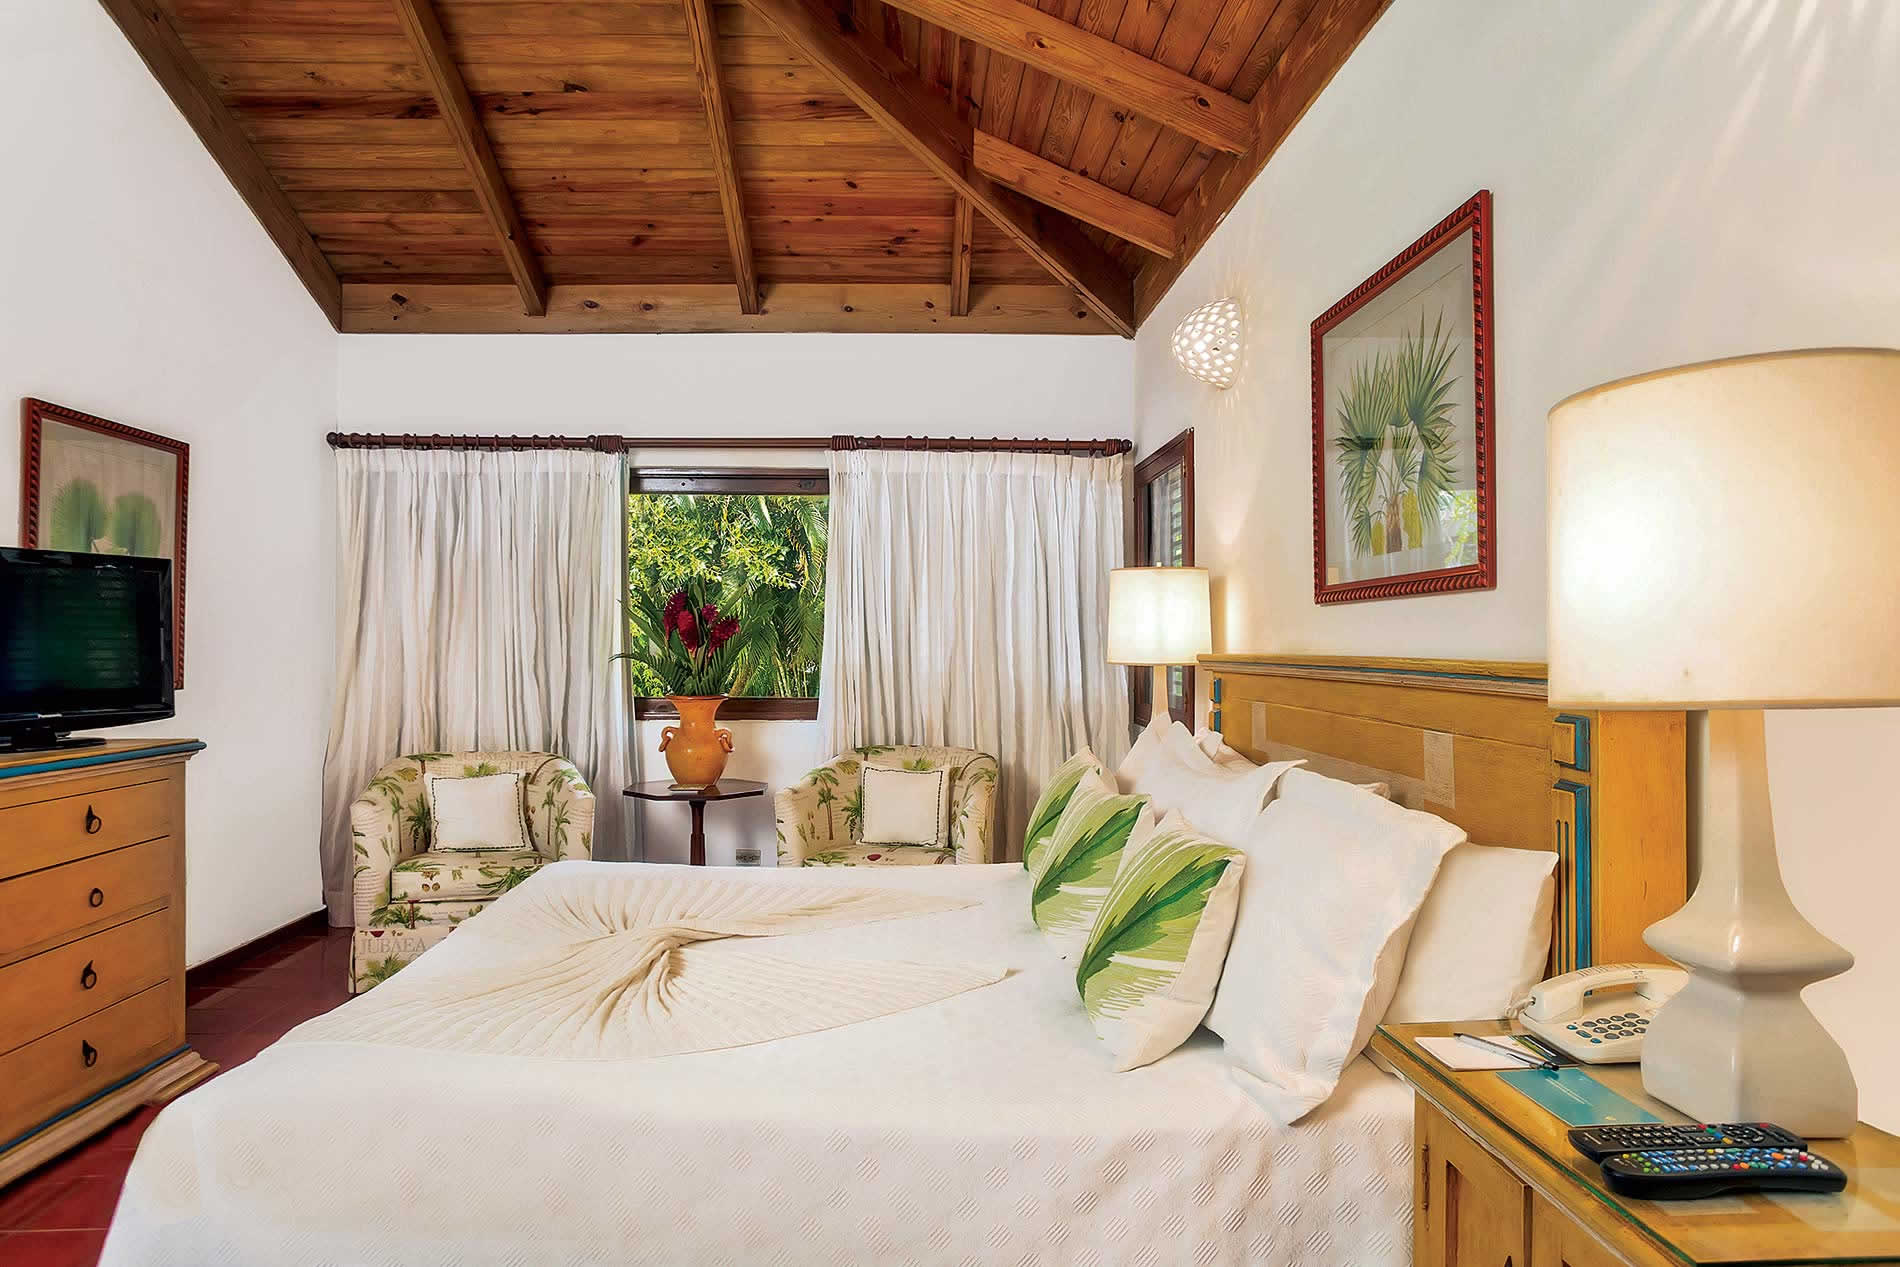 Villa Jardines in Casa de Campo Resort - sleeps 6 people